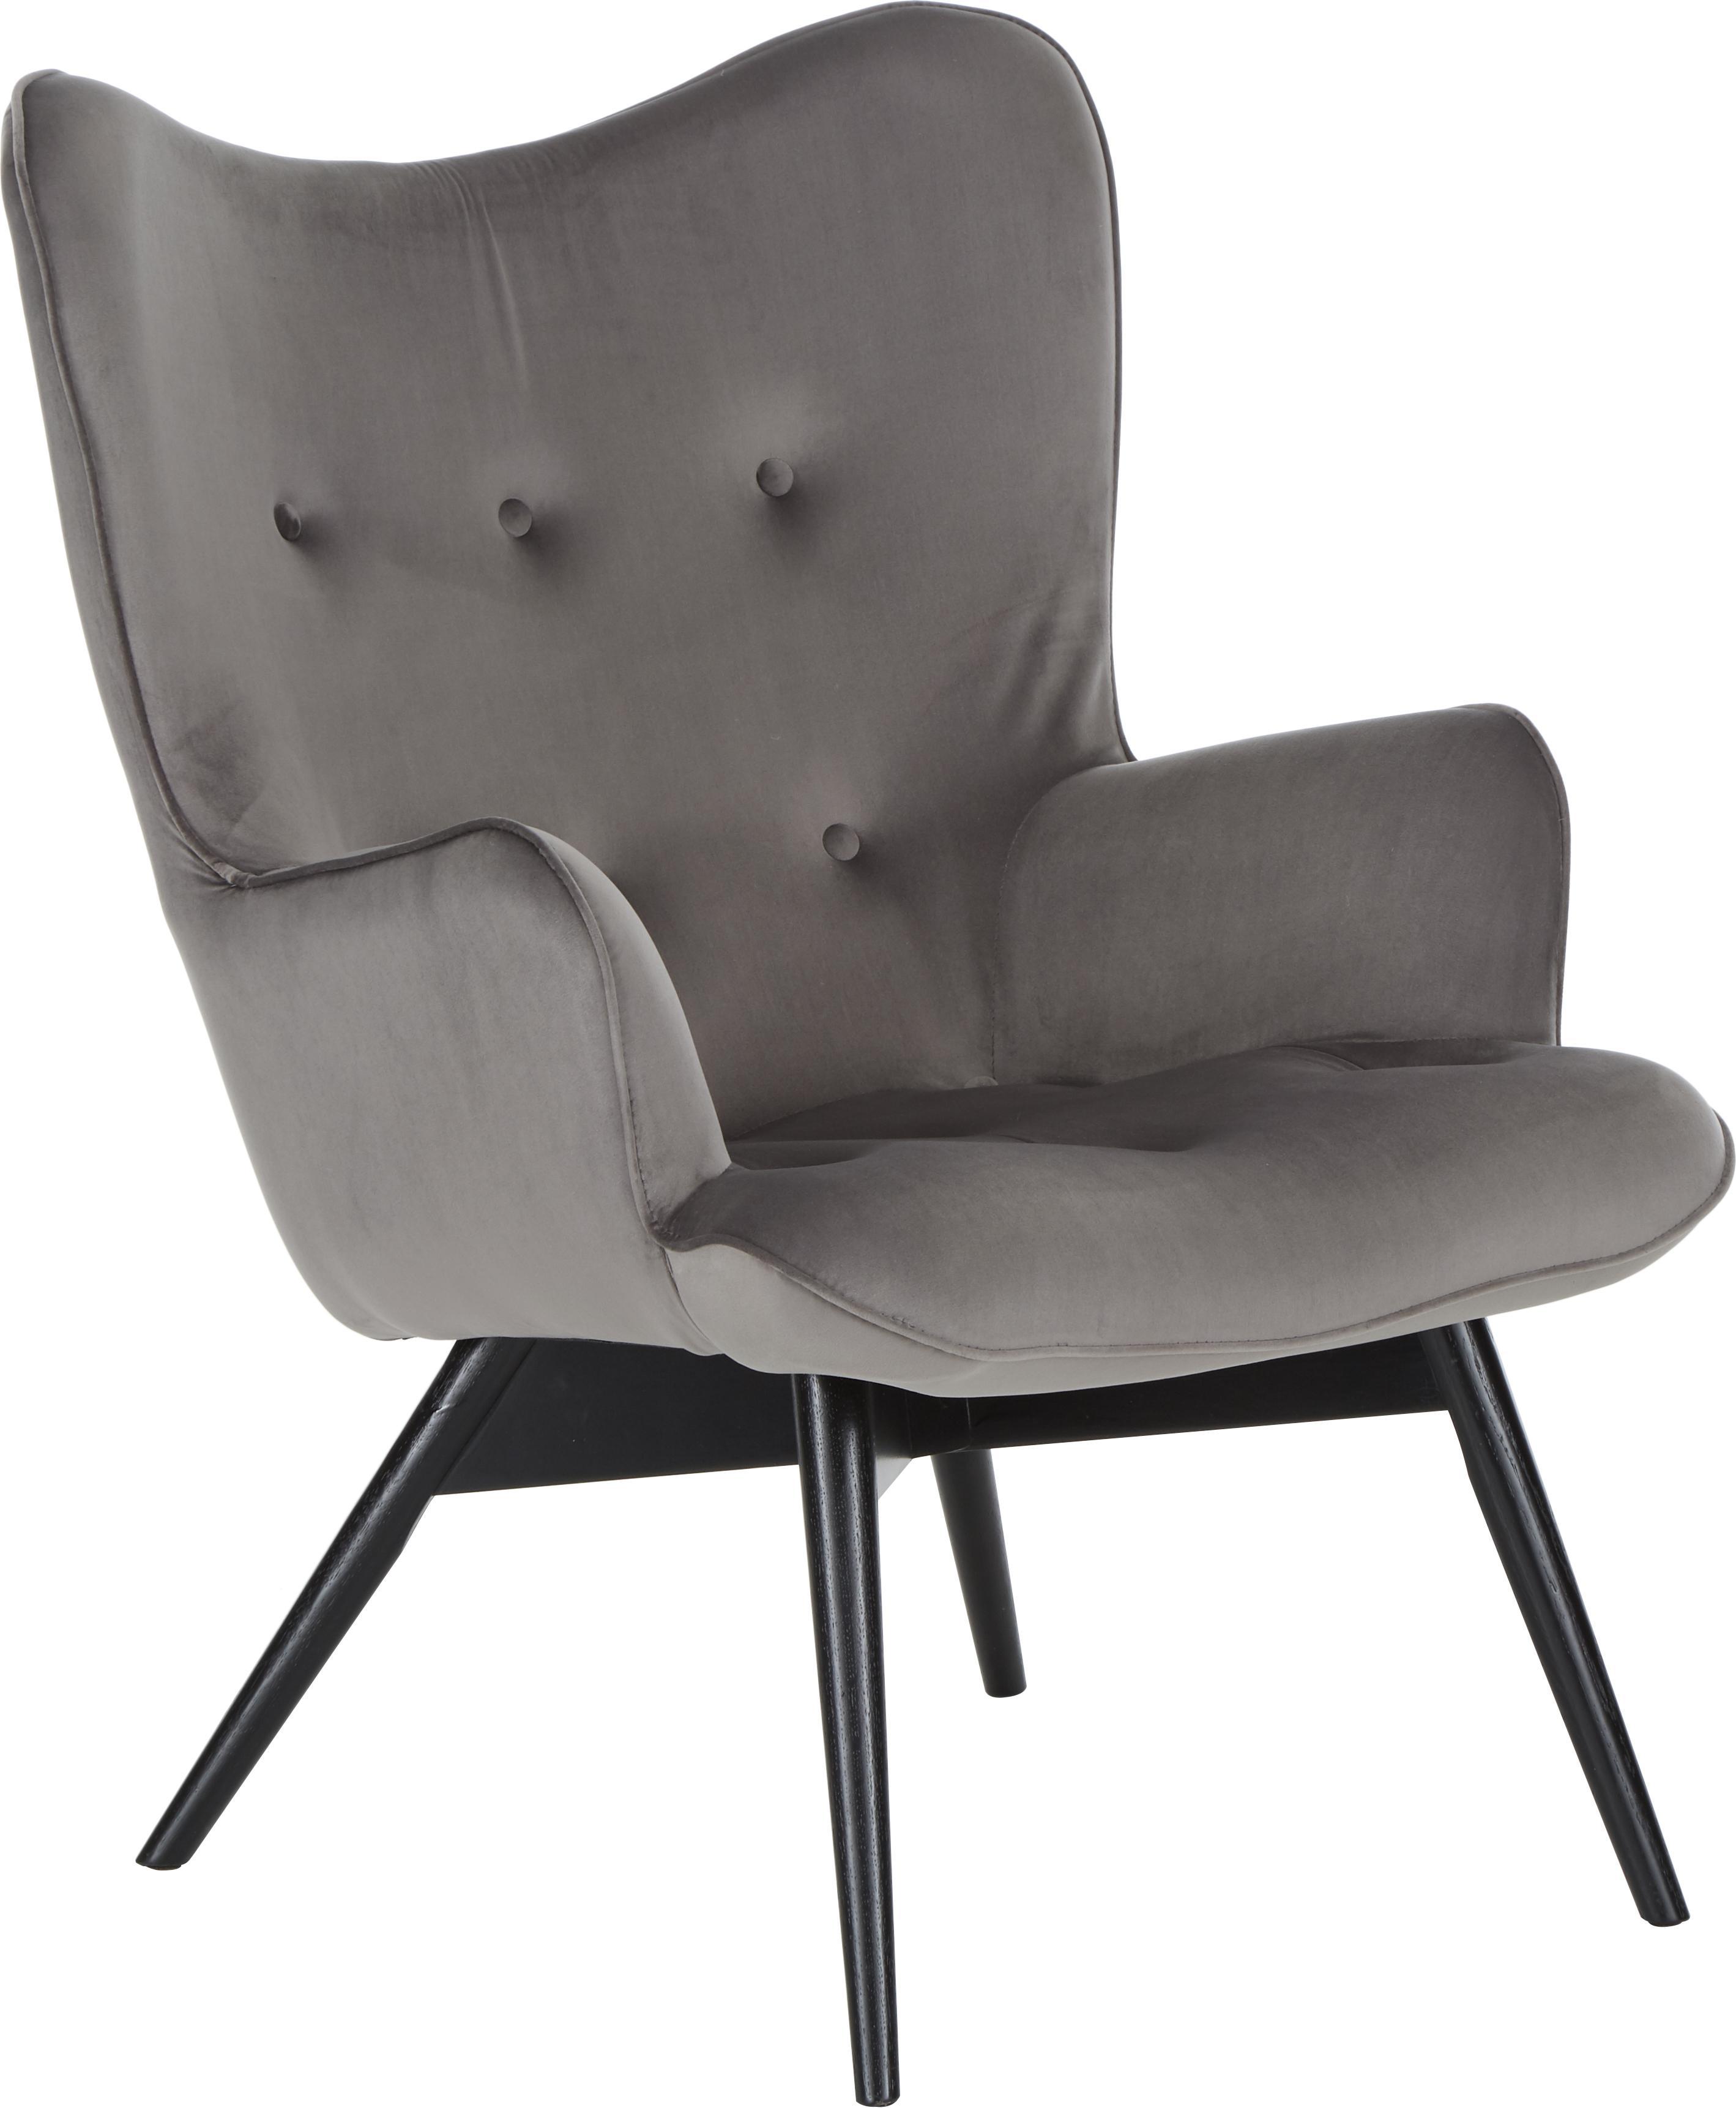 Fotel uszak z aksamitu Vicky, Tapicerka: aksamit poliestrowy Tkani, Nogi: lite drewno bukowe, jasno, Aksamitny szary, S 59 x G 63 cm